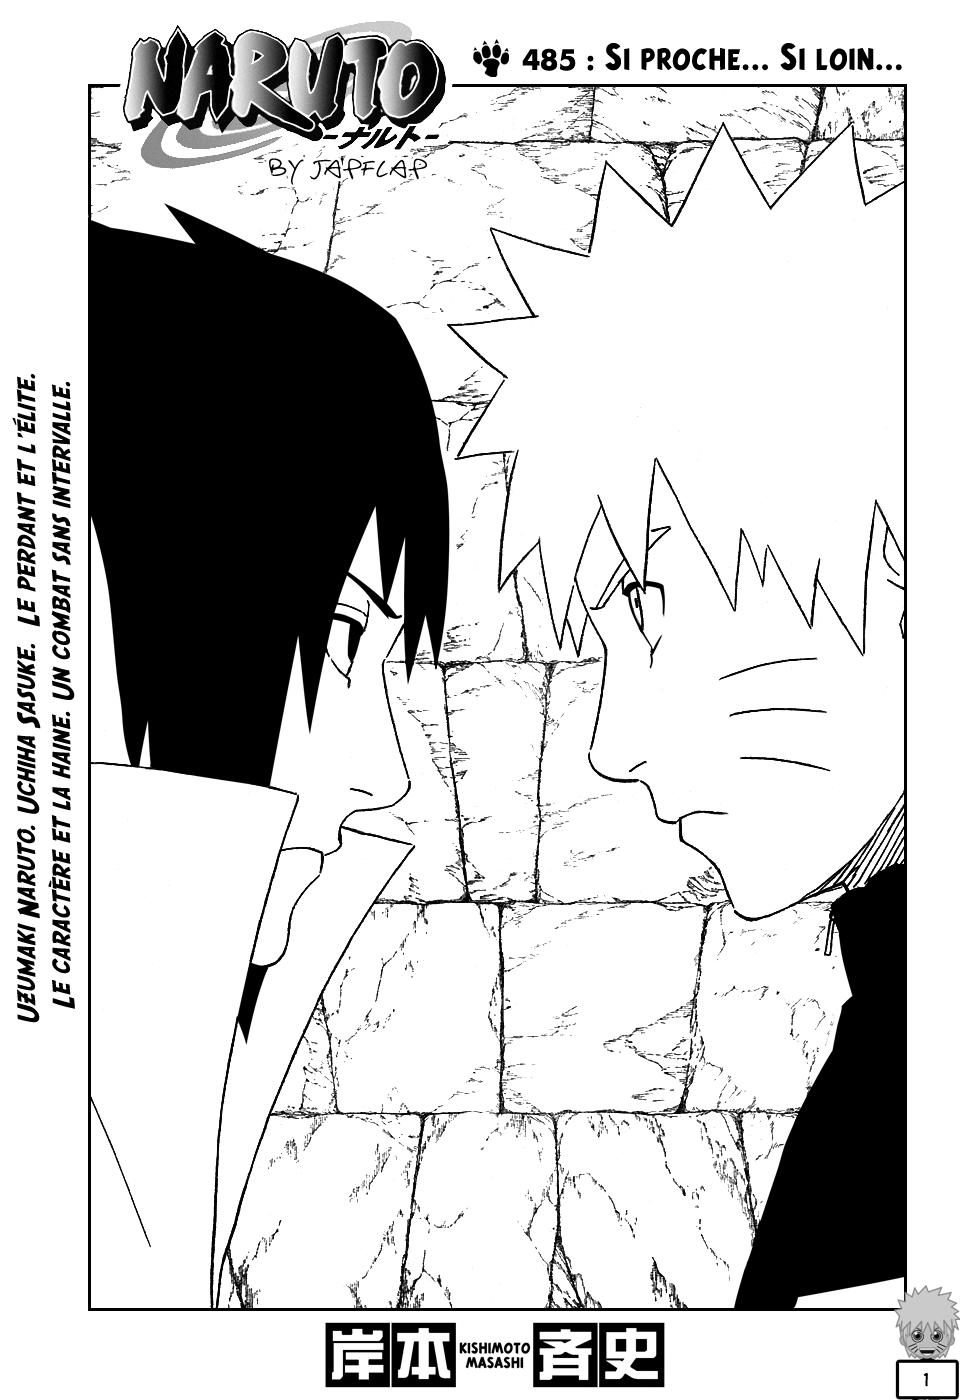 Naruto chapitre 485 - Page 1